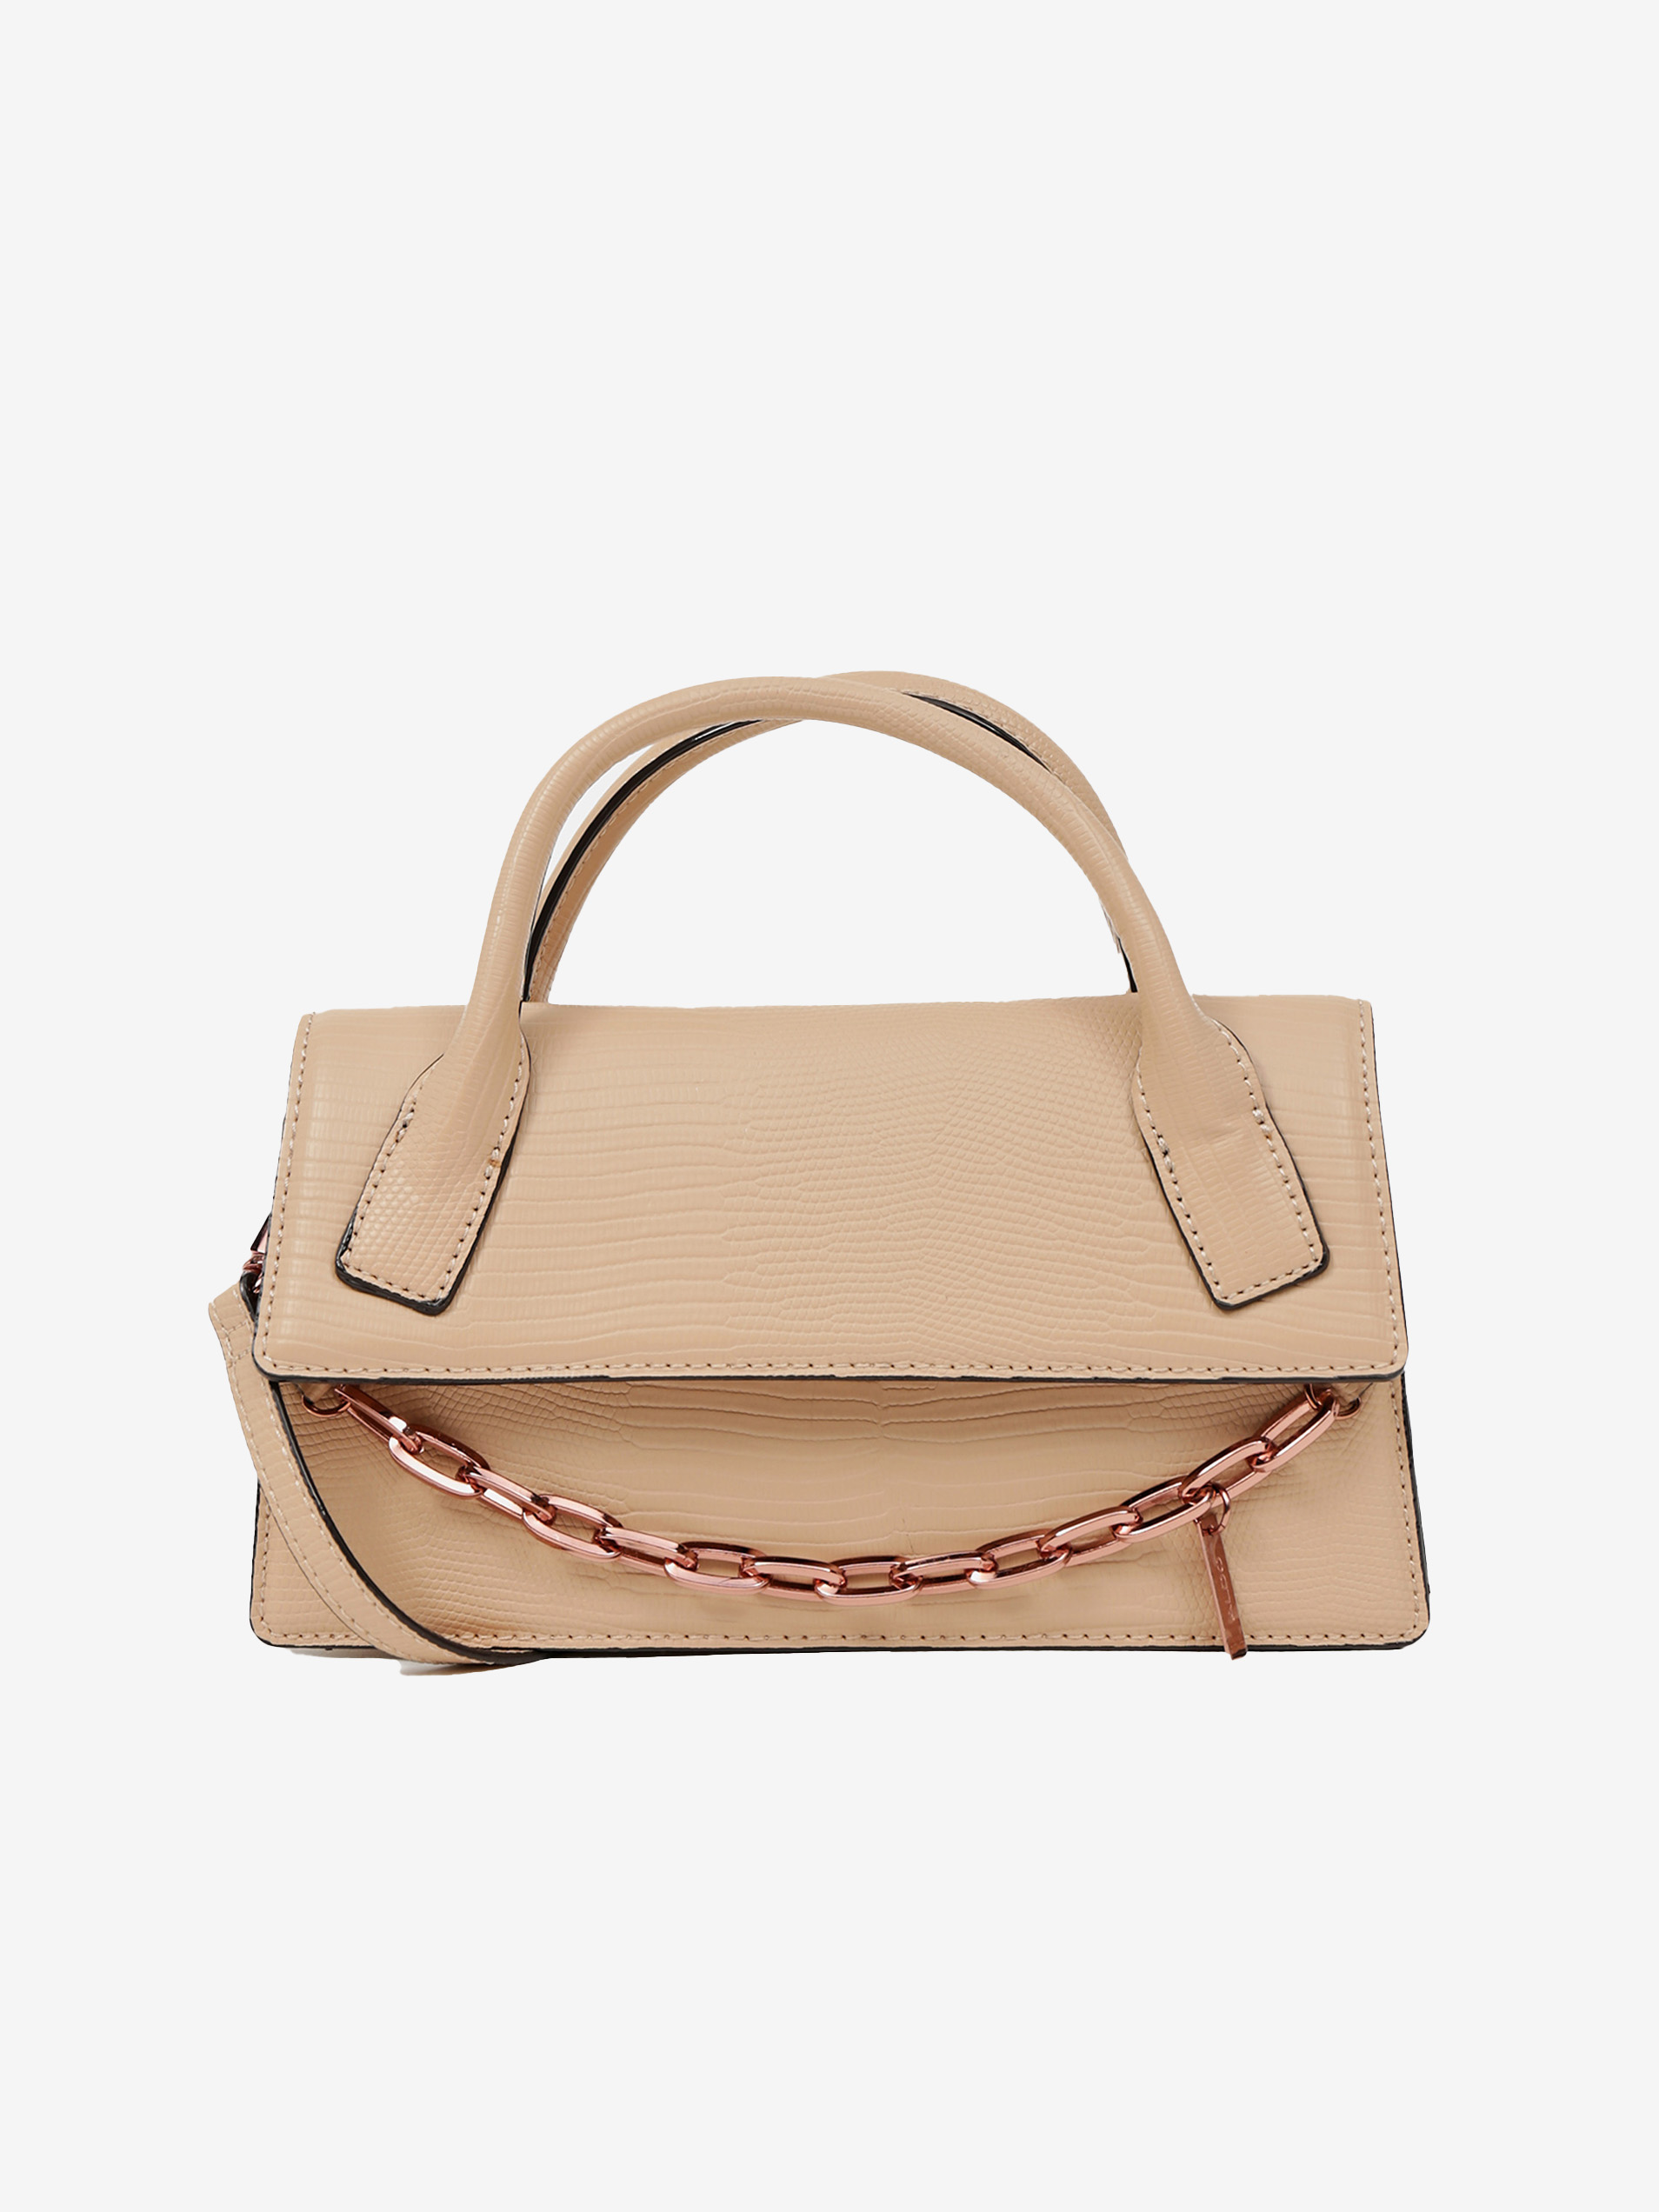 Béžová kabelka s ozdobným řetízkem ALDO Buria